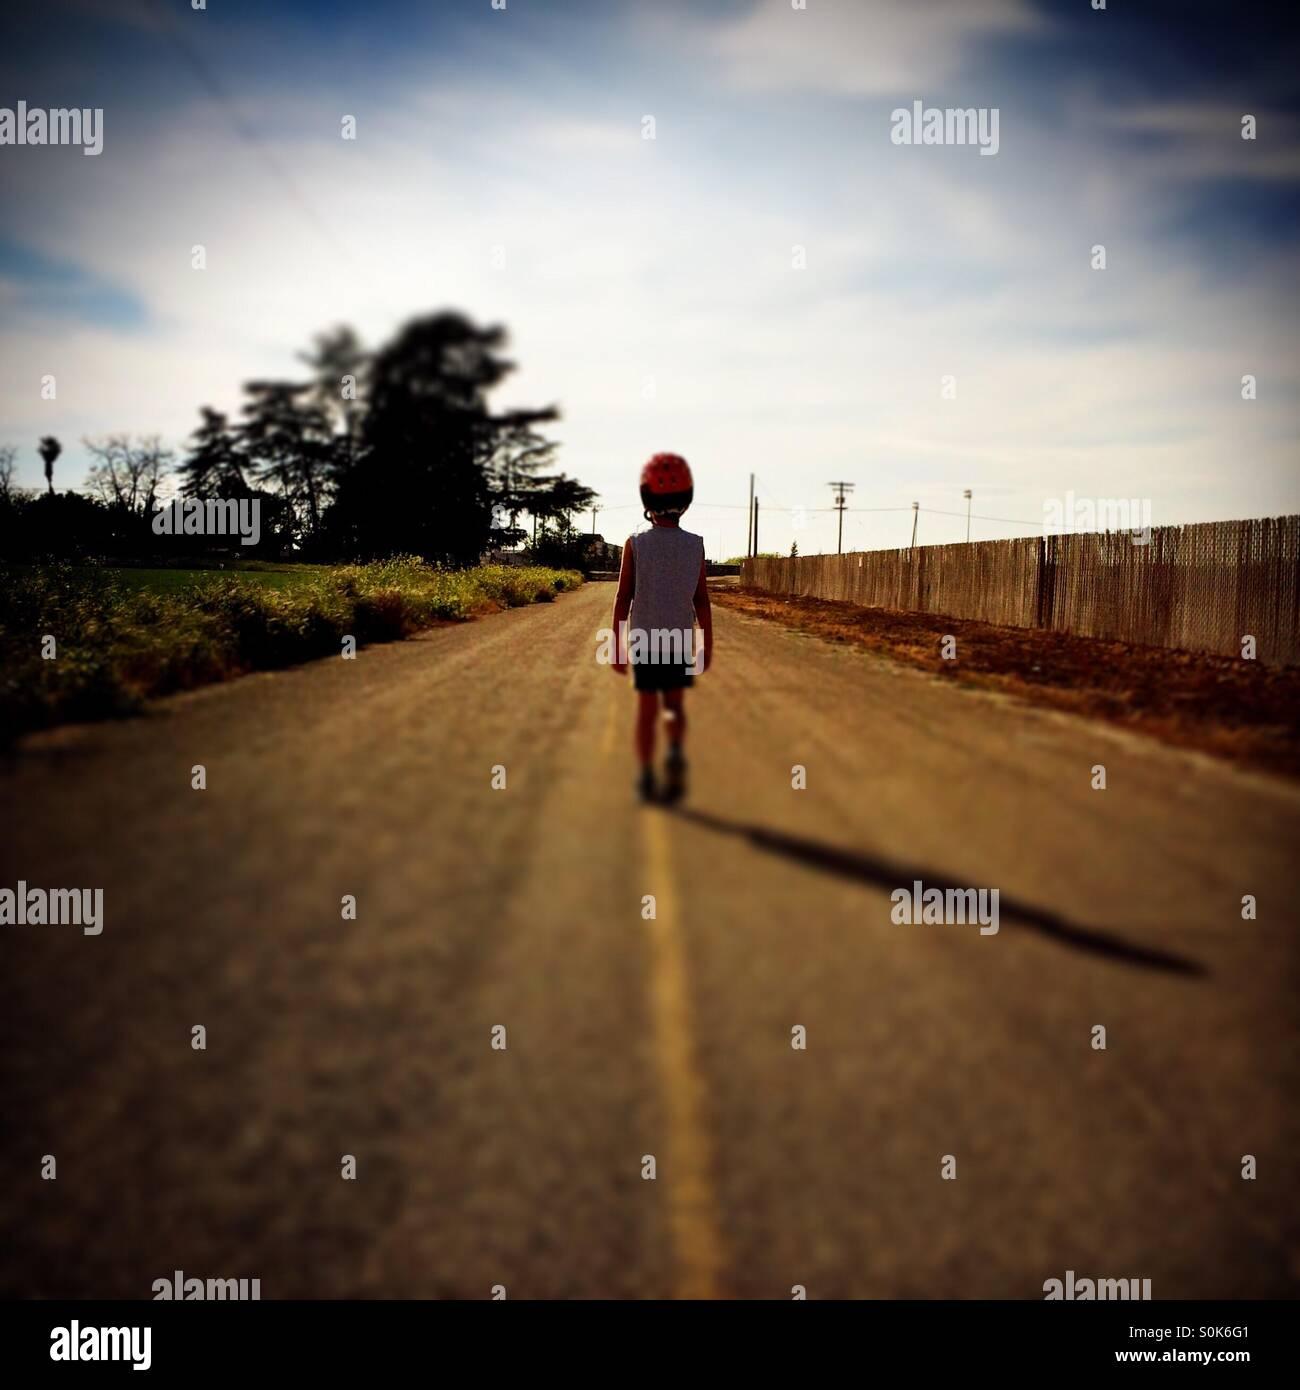 Un niño de 7 años camina por medio de una carretera rural llevando su casco de bicicleta. Imagen De Stock